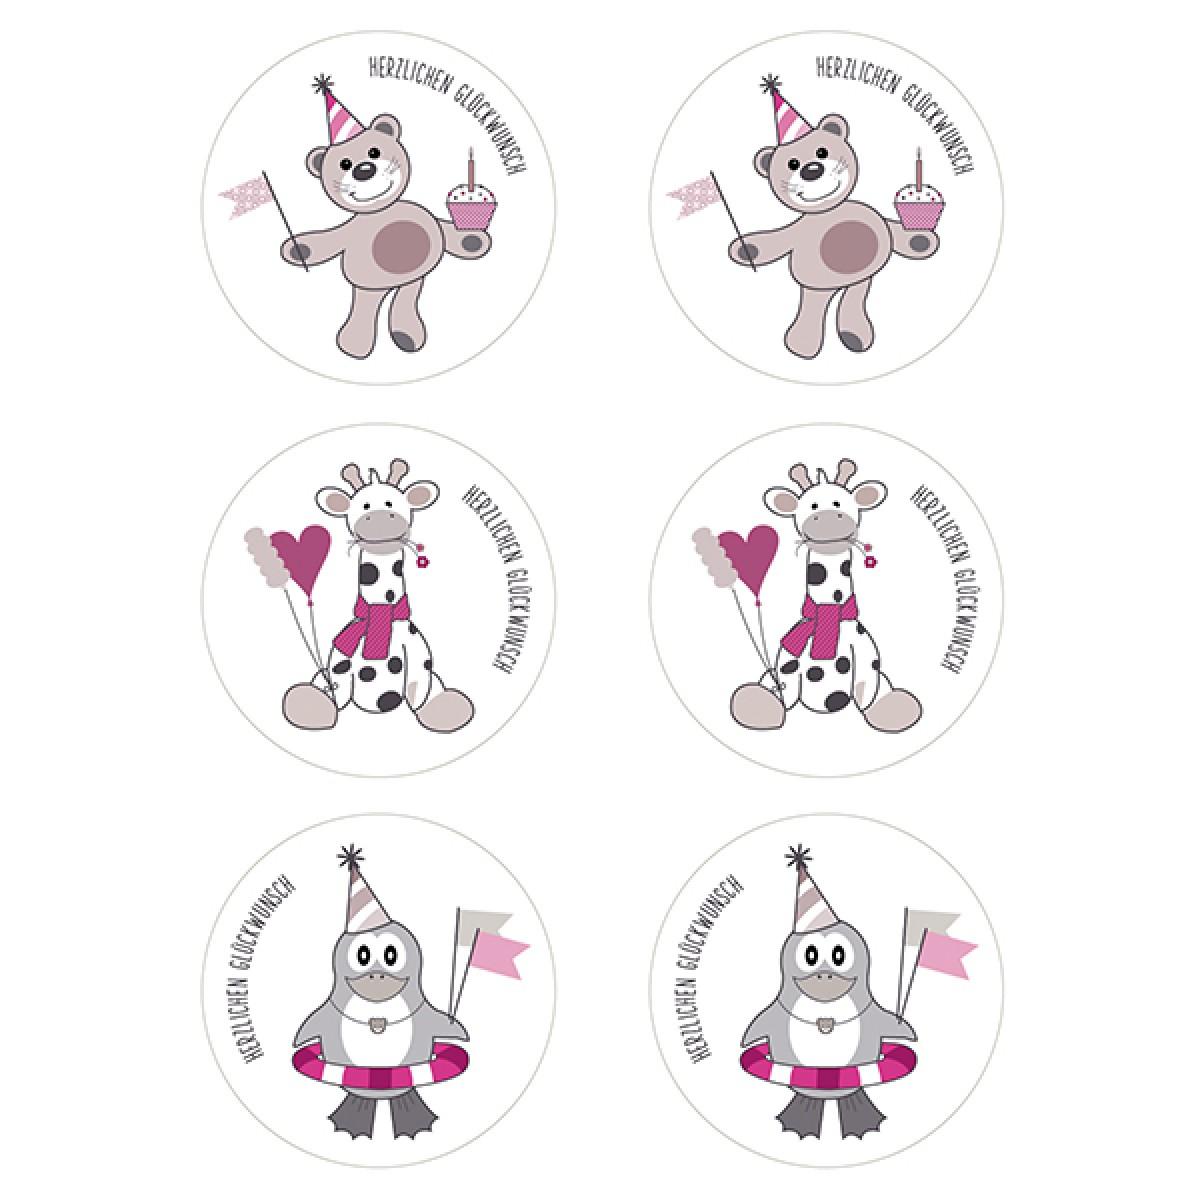 """kleiner mensch Sticker """"Herzlichen Glückwunsch"""" - 12 Stück (Mädchen)"""